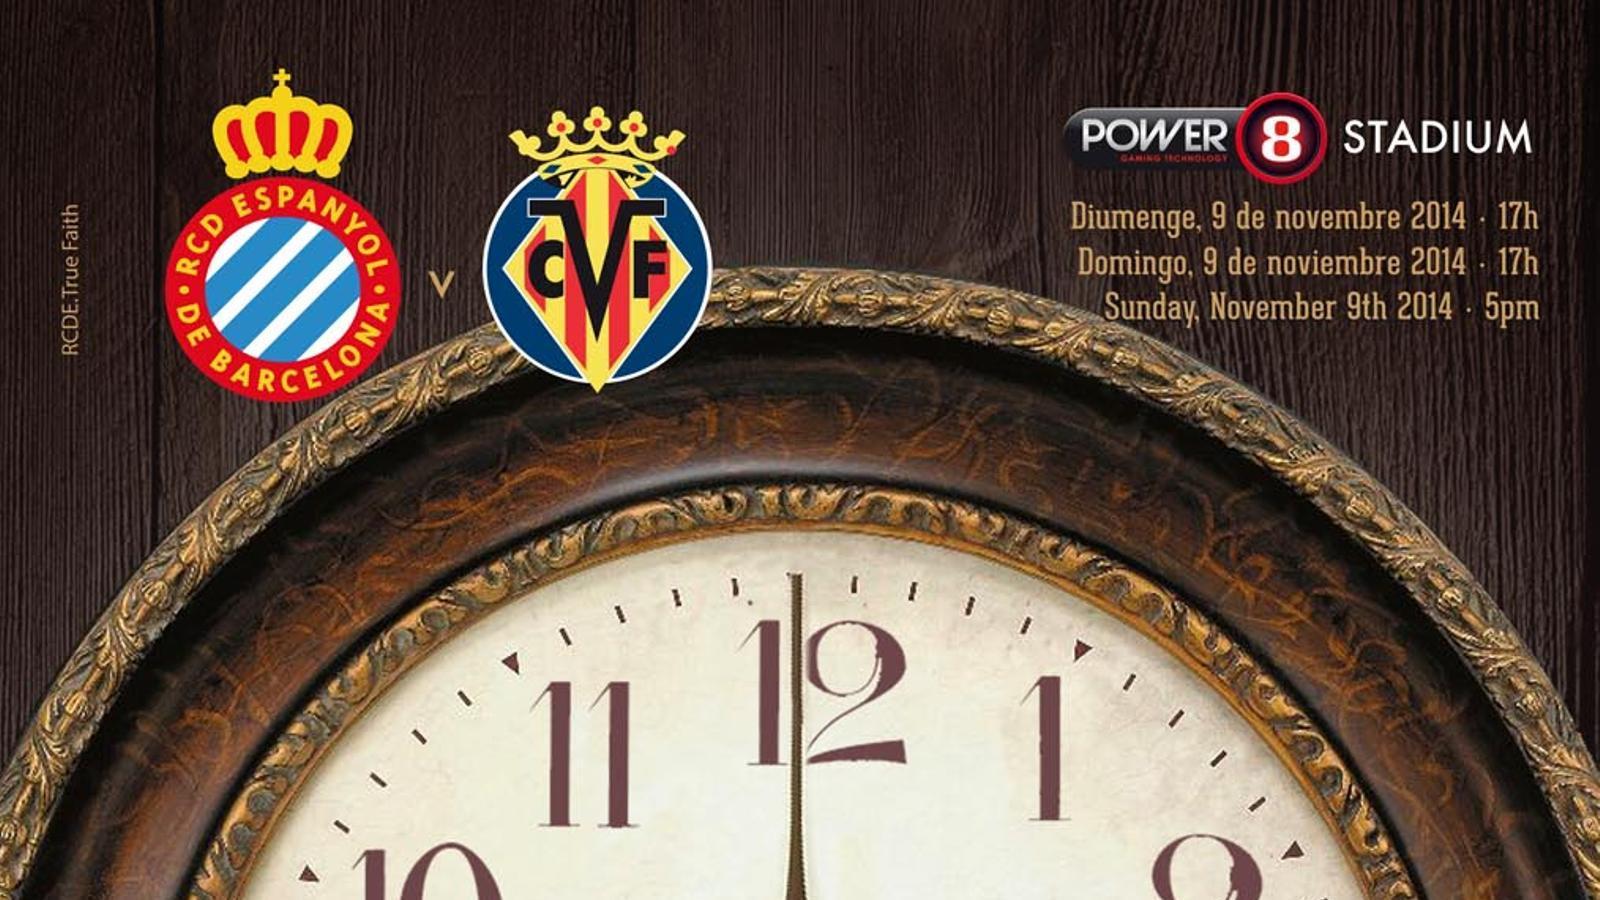 #ales5alPower8, la nova campanya de l'Espanyol